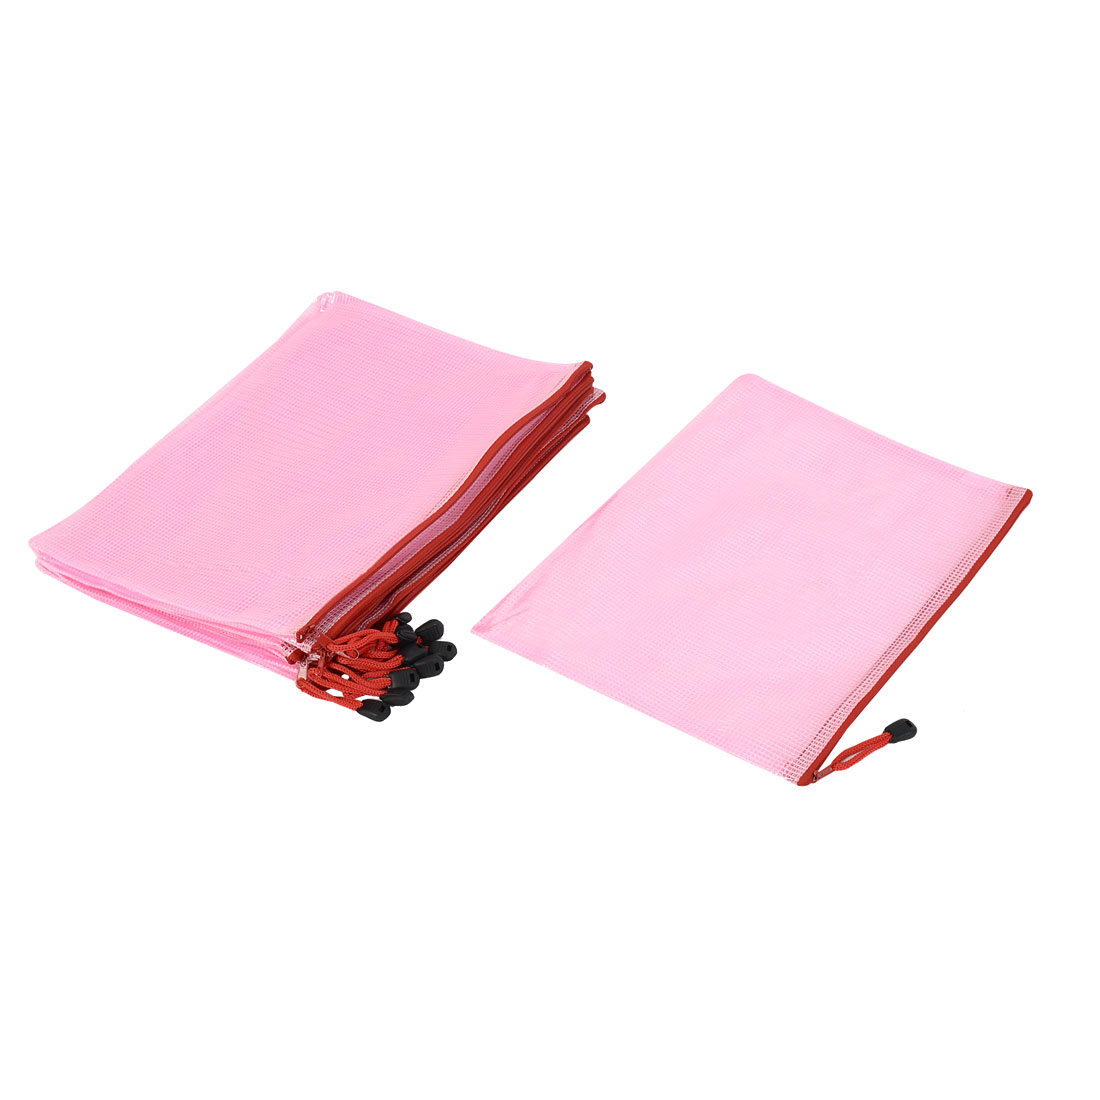 Office Stationery A4 Document File Zipper Pocket Bag Floder Holder Pink 12pcs